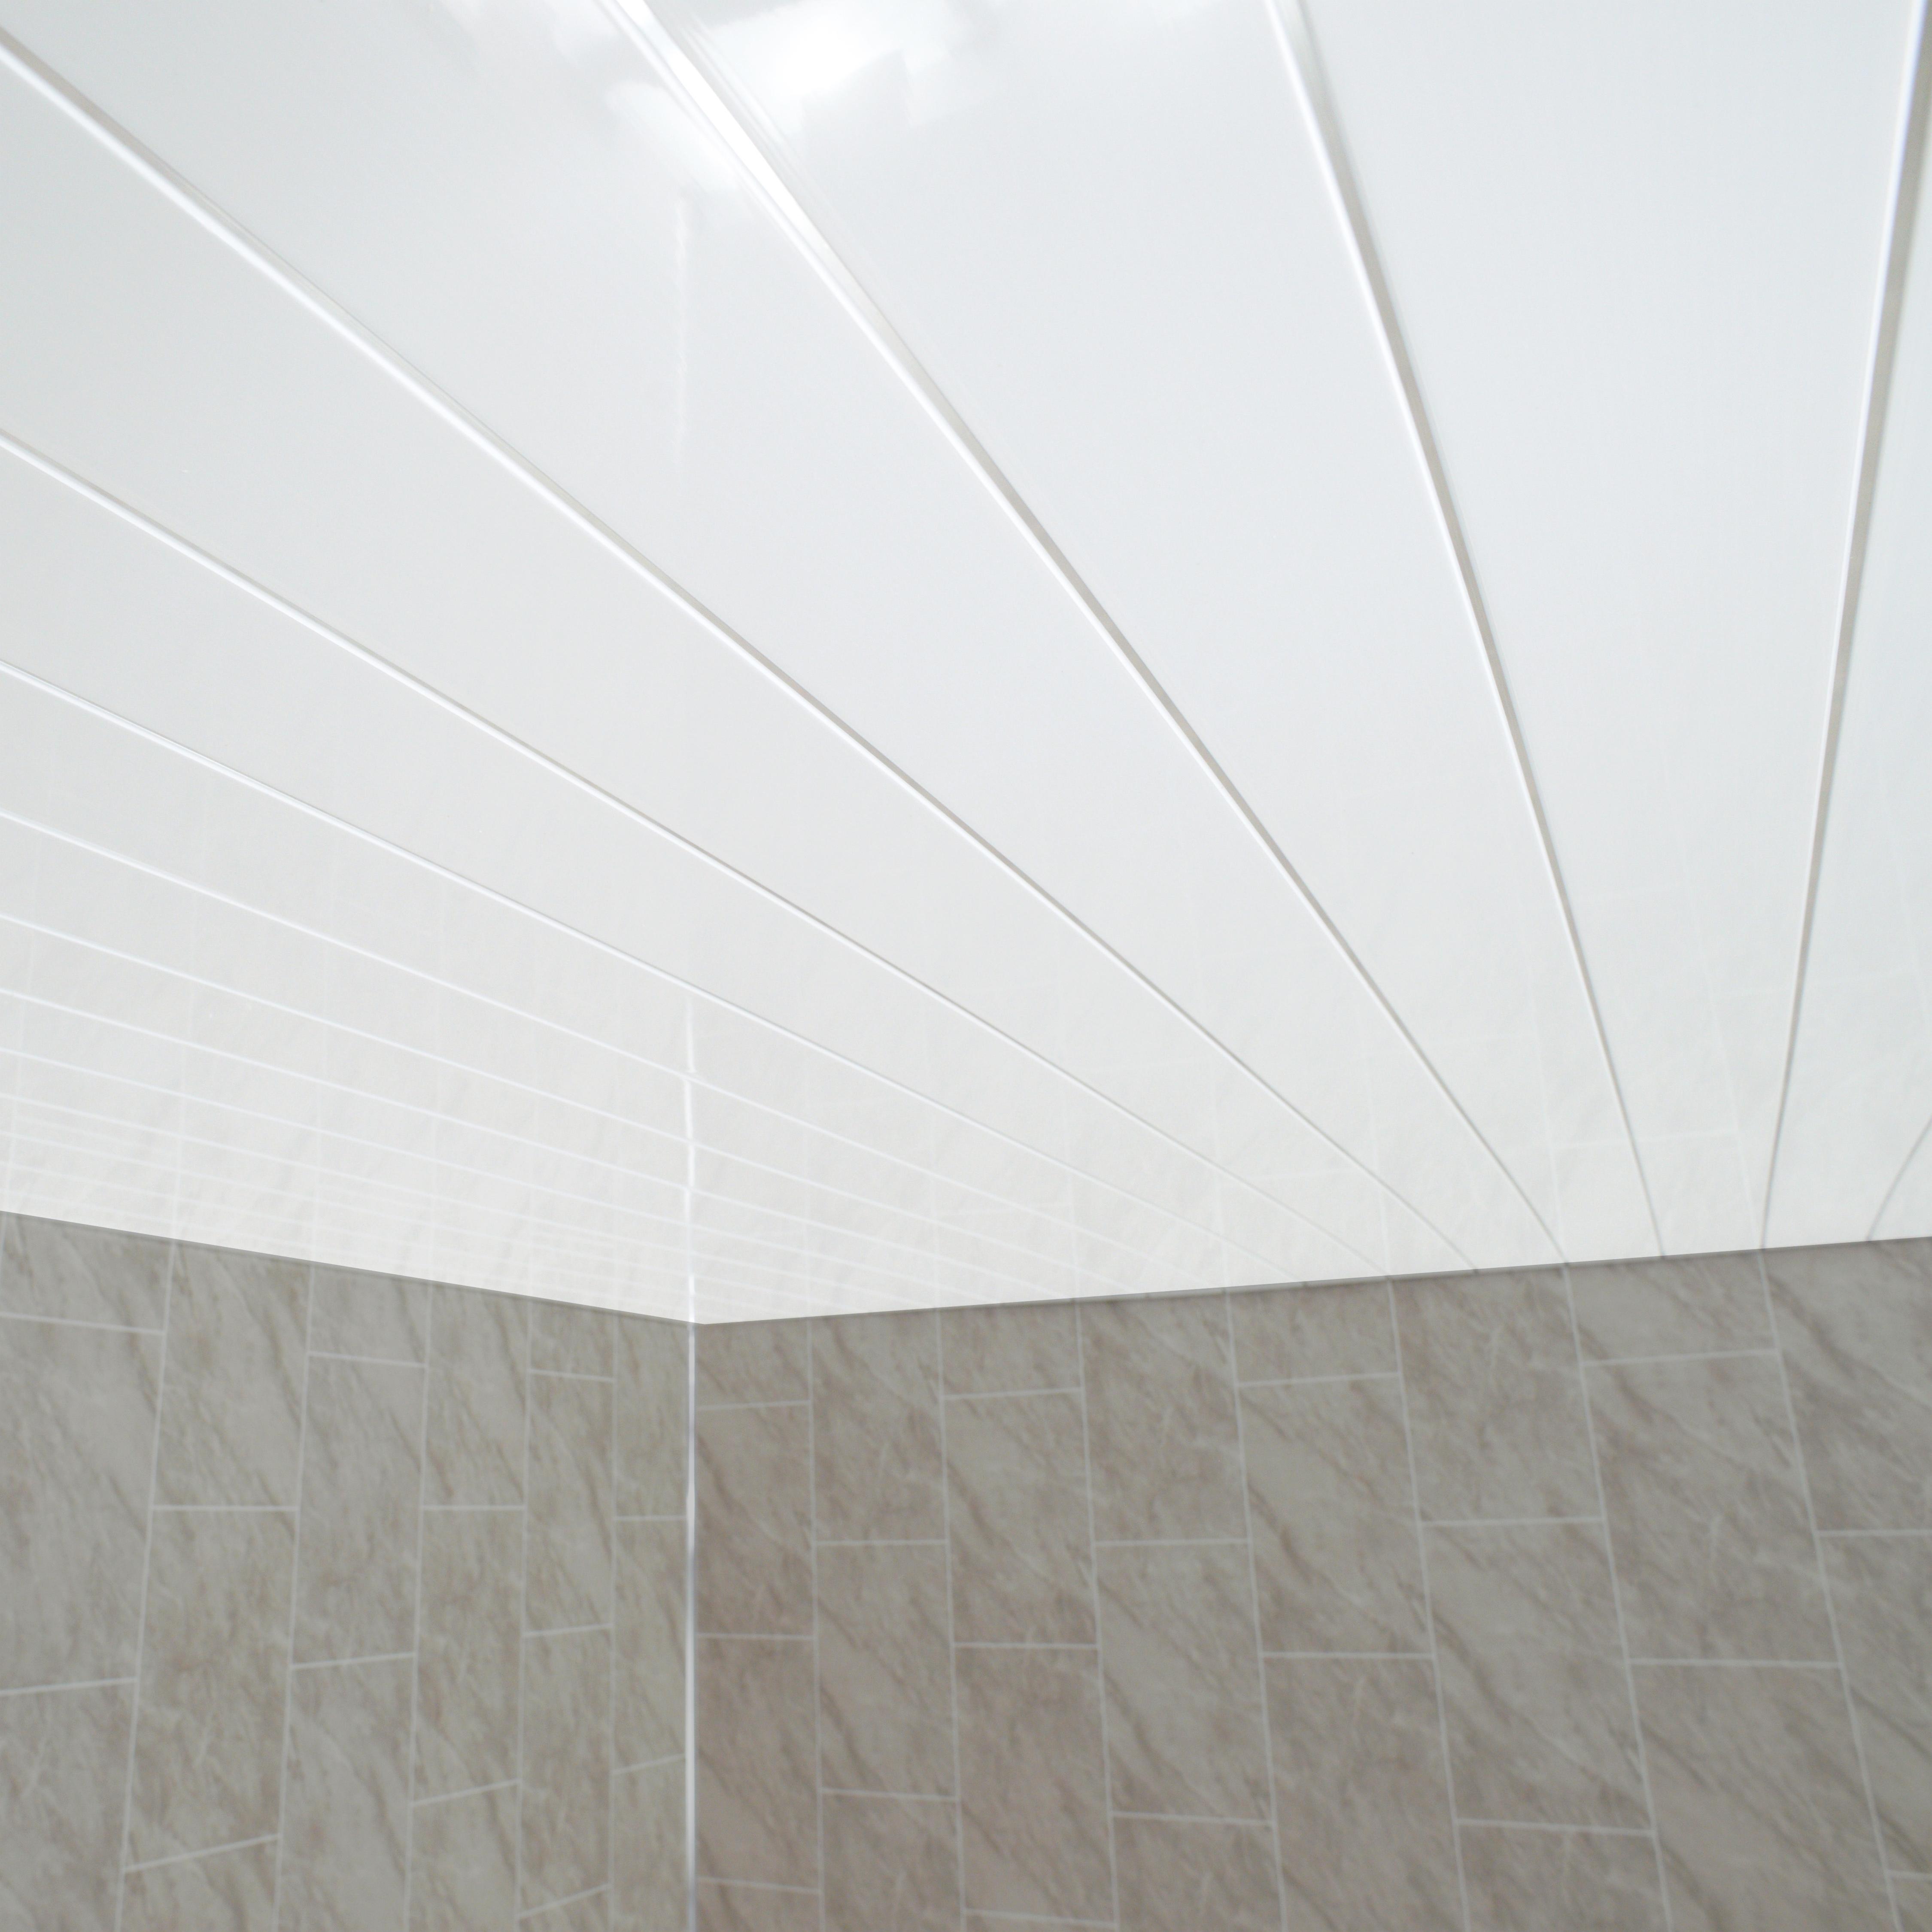 Gloss White Chrome Strip Bathroom Wall Cladding White ...